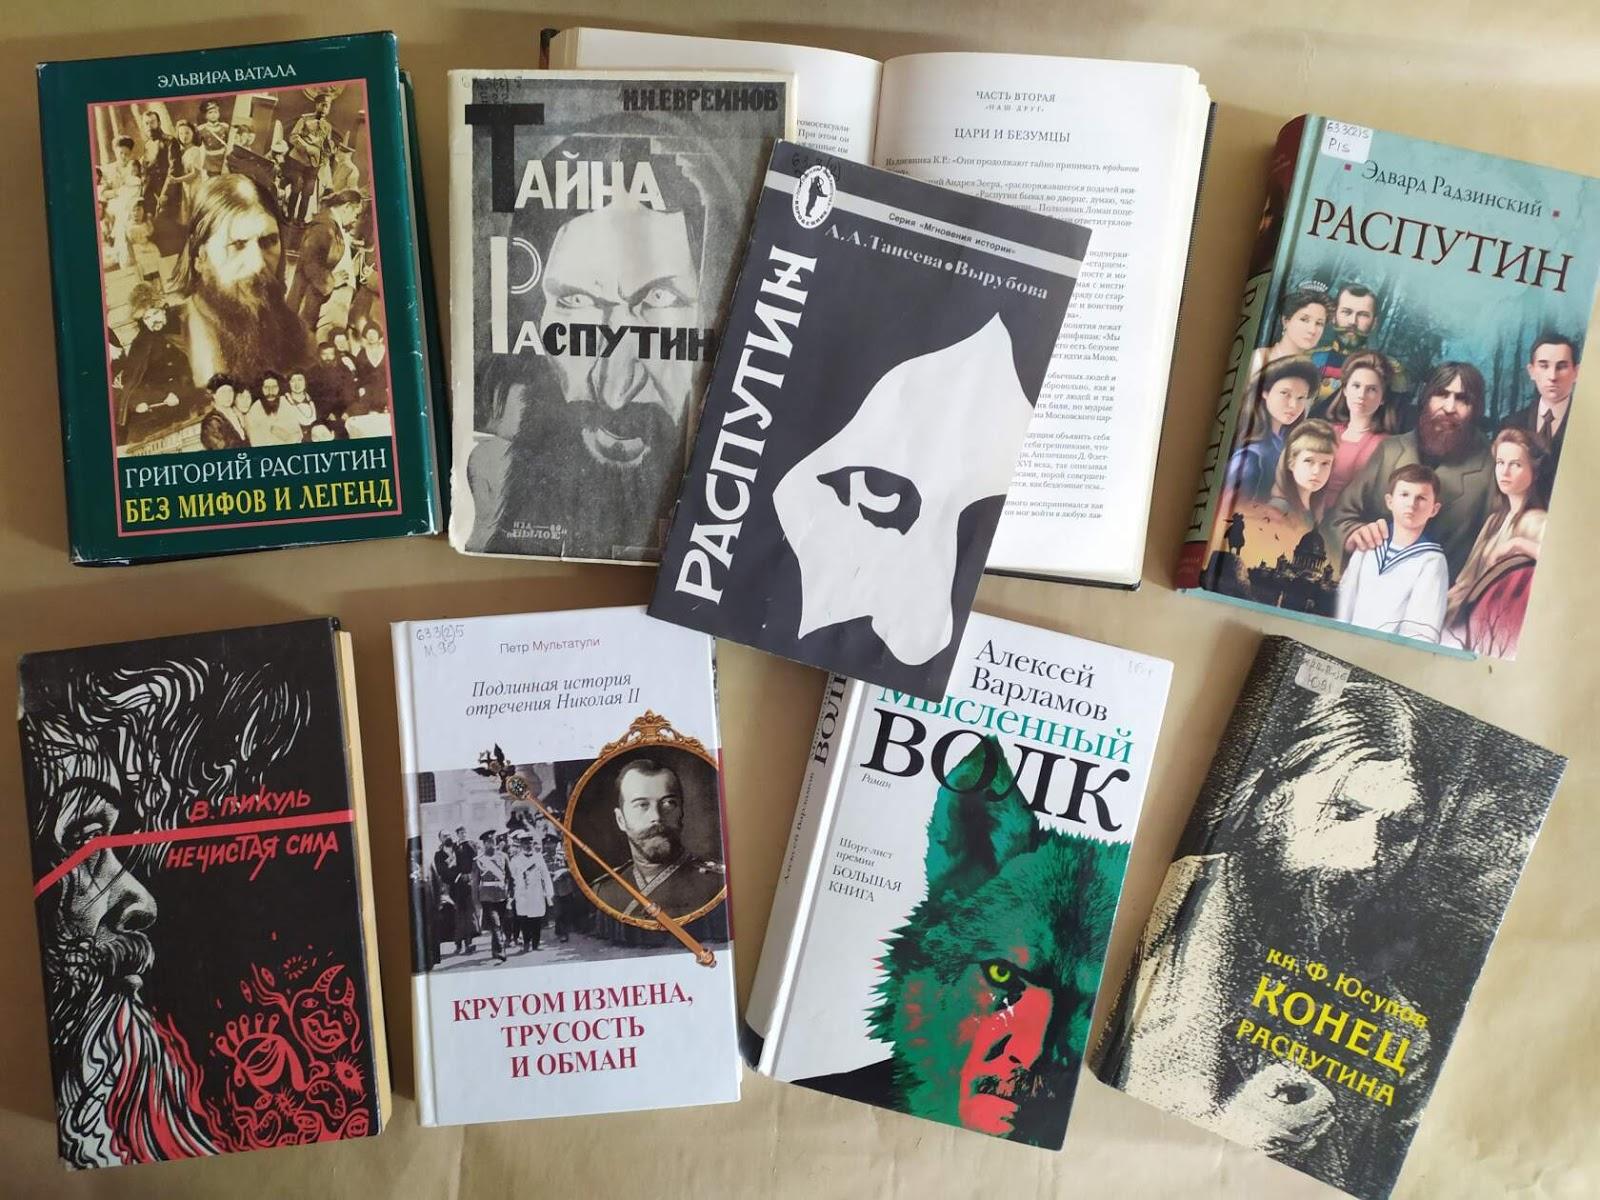 Обзор книг о Распутине.